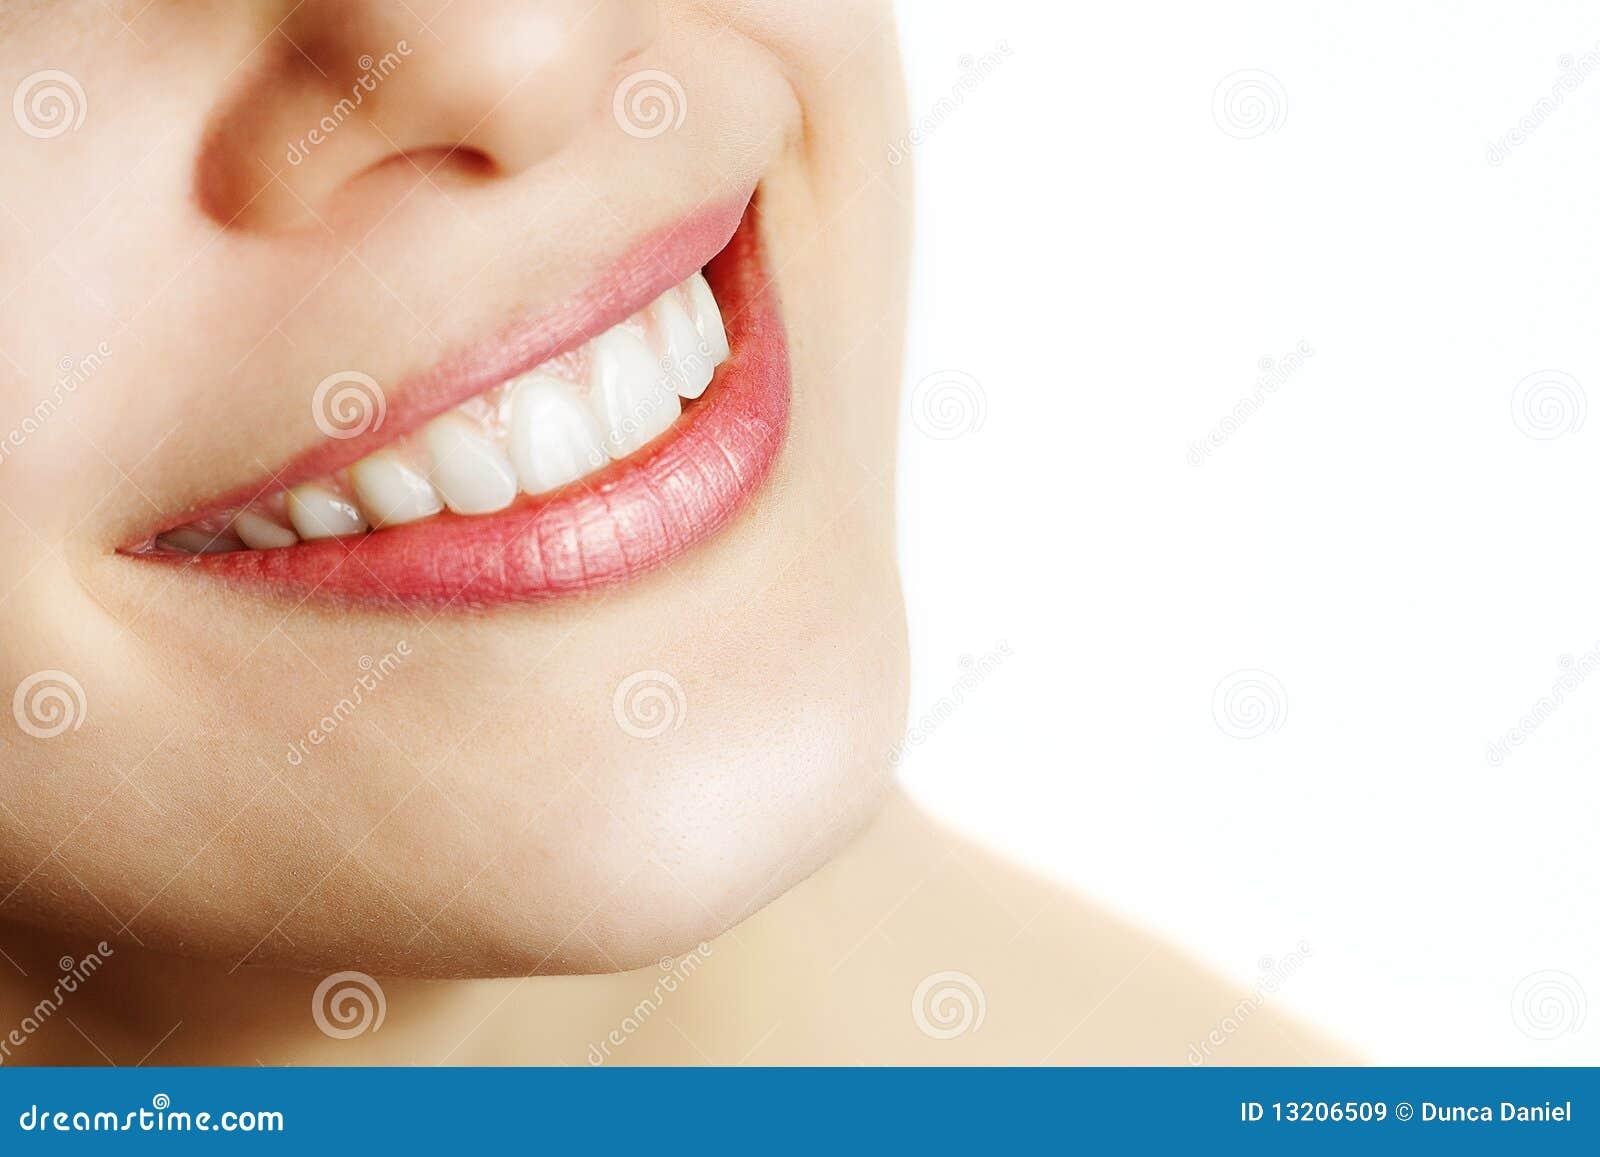 Ny sund leendetandkvinna